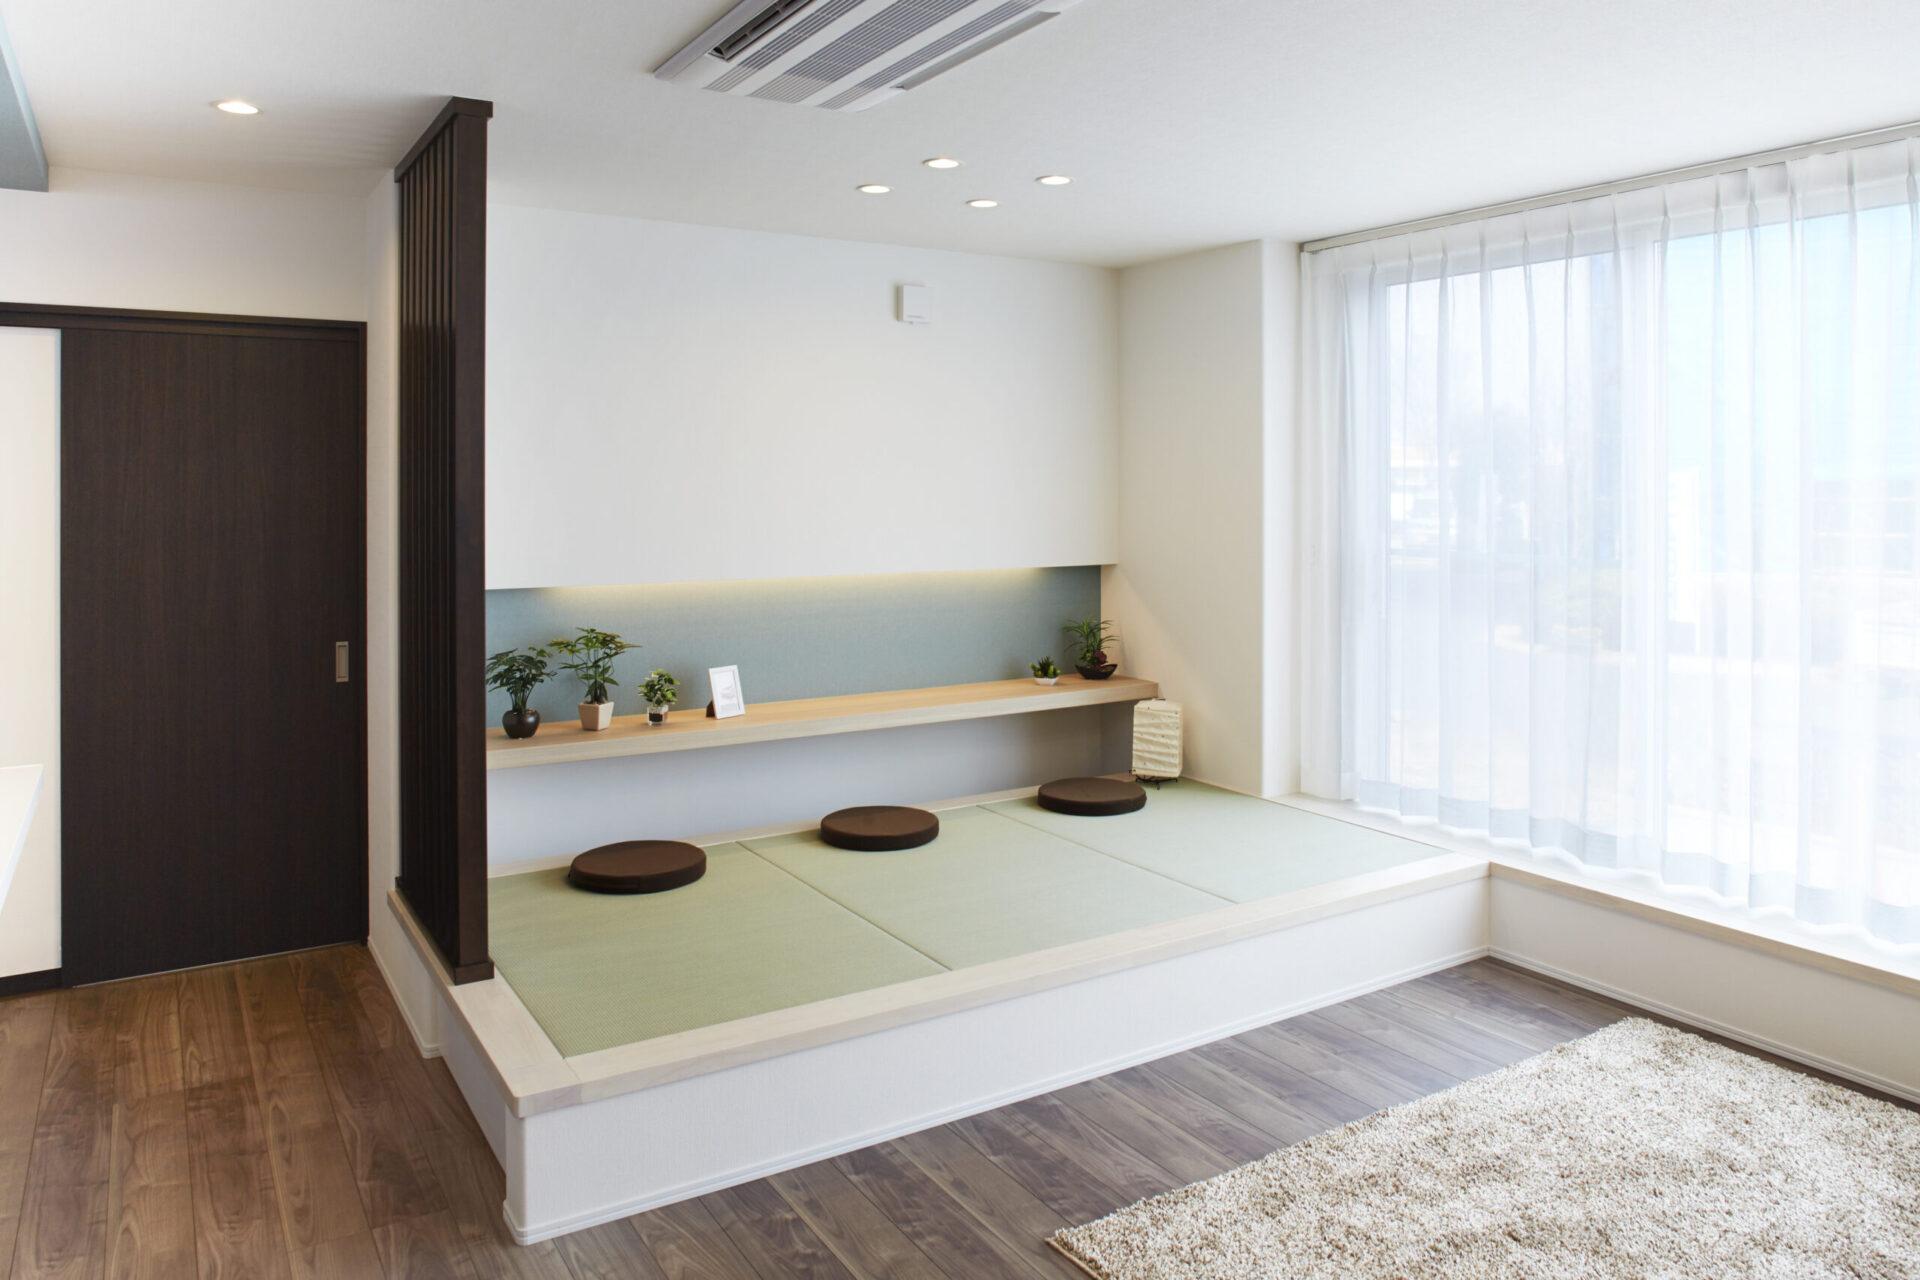 おしゃれなモダン和室のある注文住宅で大人の空間をつくる